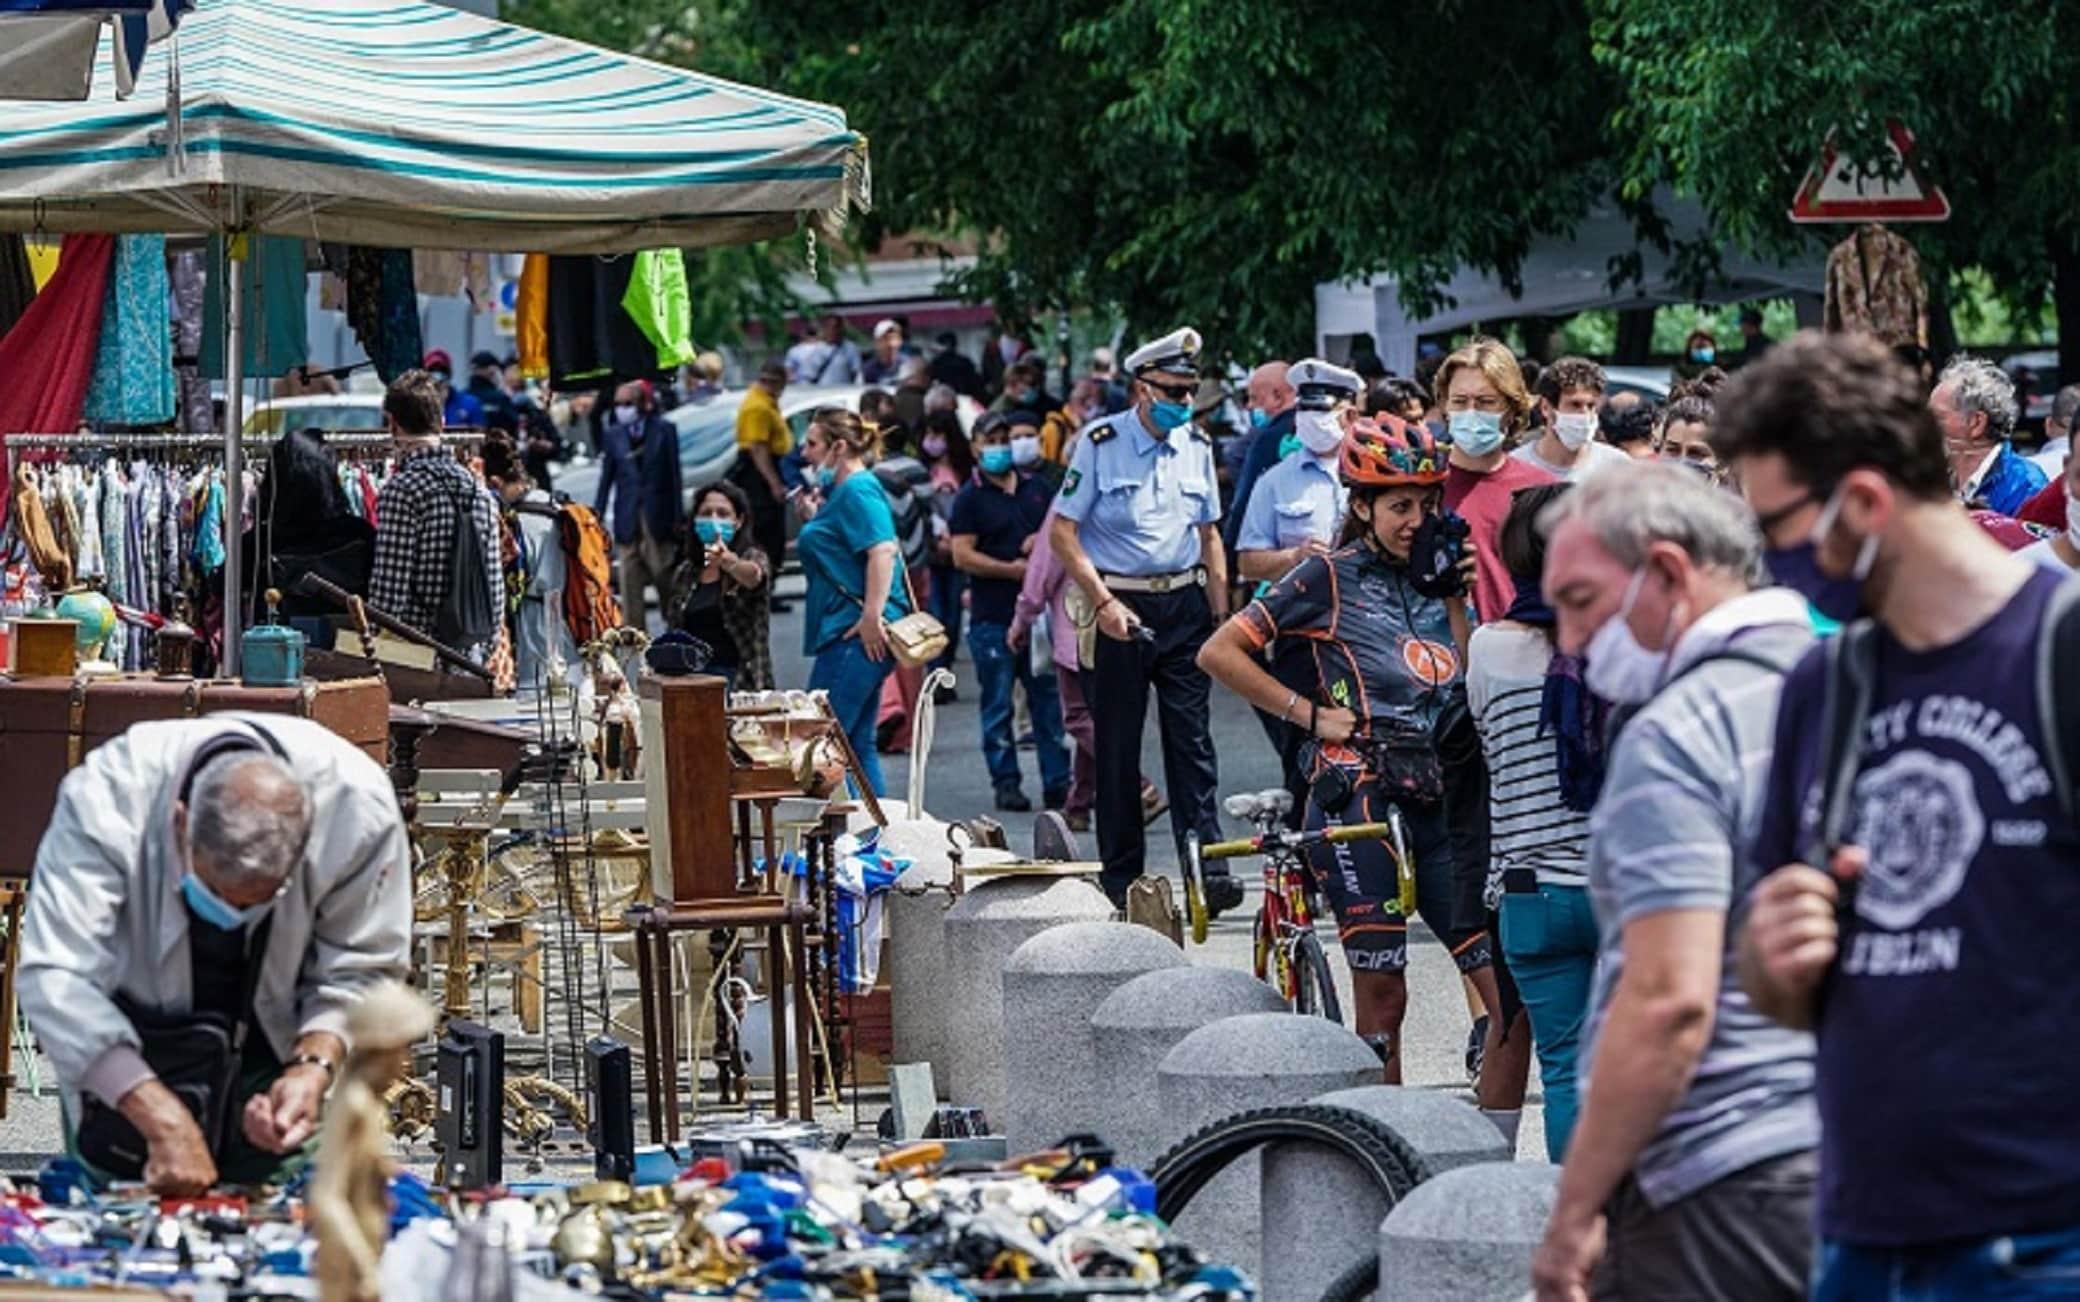 Riapertura dello storico mercato del Balon dopo il lockdown, Torino, 13 giugno 2020. ANSA/TINO ROMANO